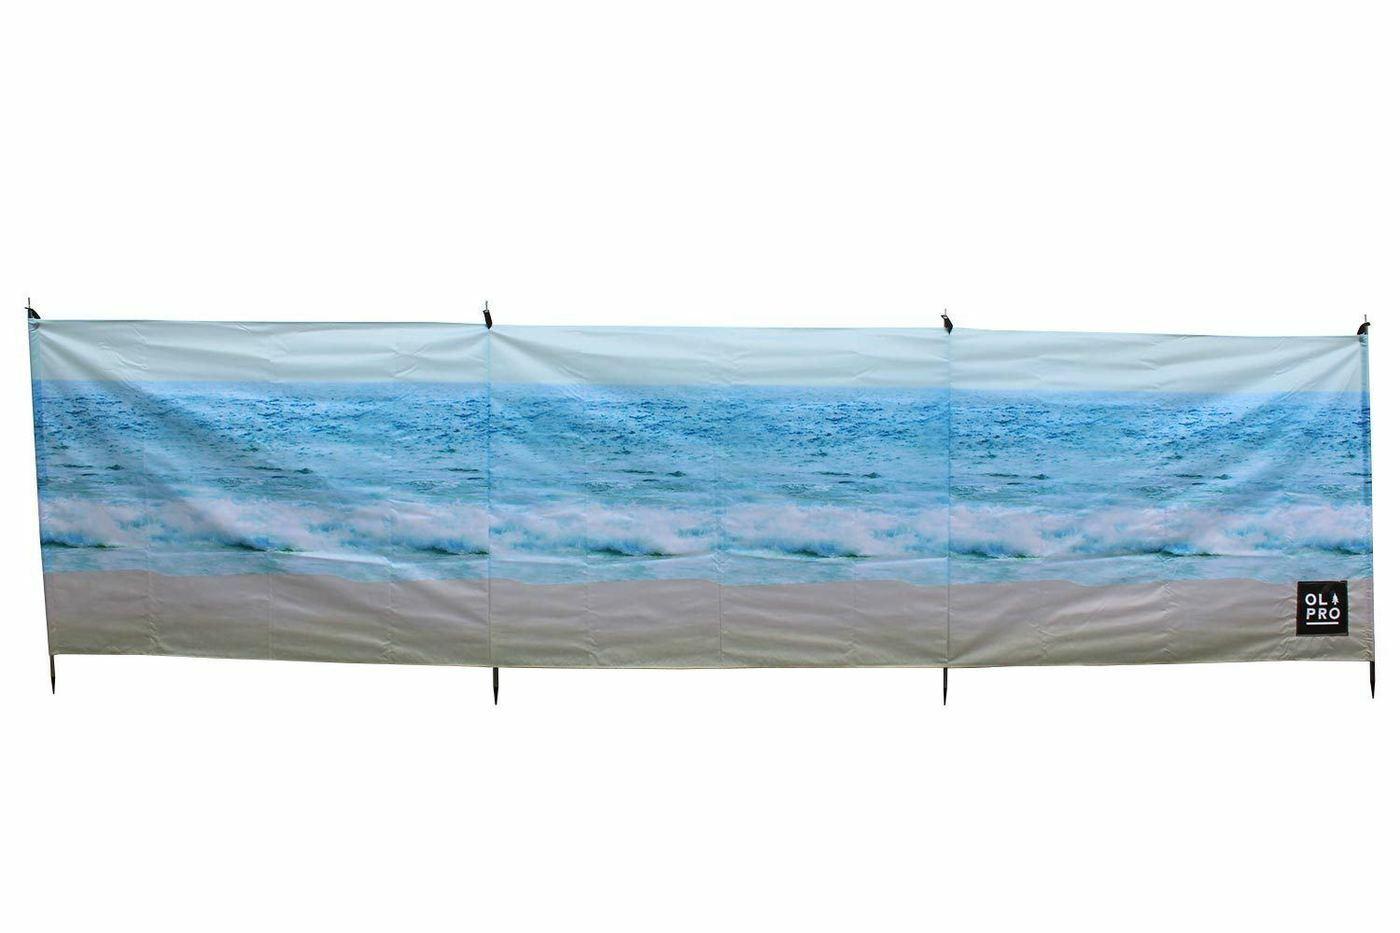 OLPRO spiaggia 4 Pole Compact Camping Windbreak con i poli in acciaio 480cm x 140cm